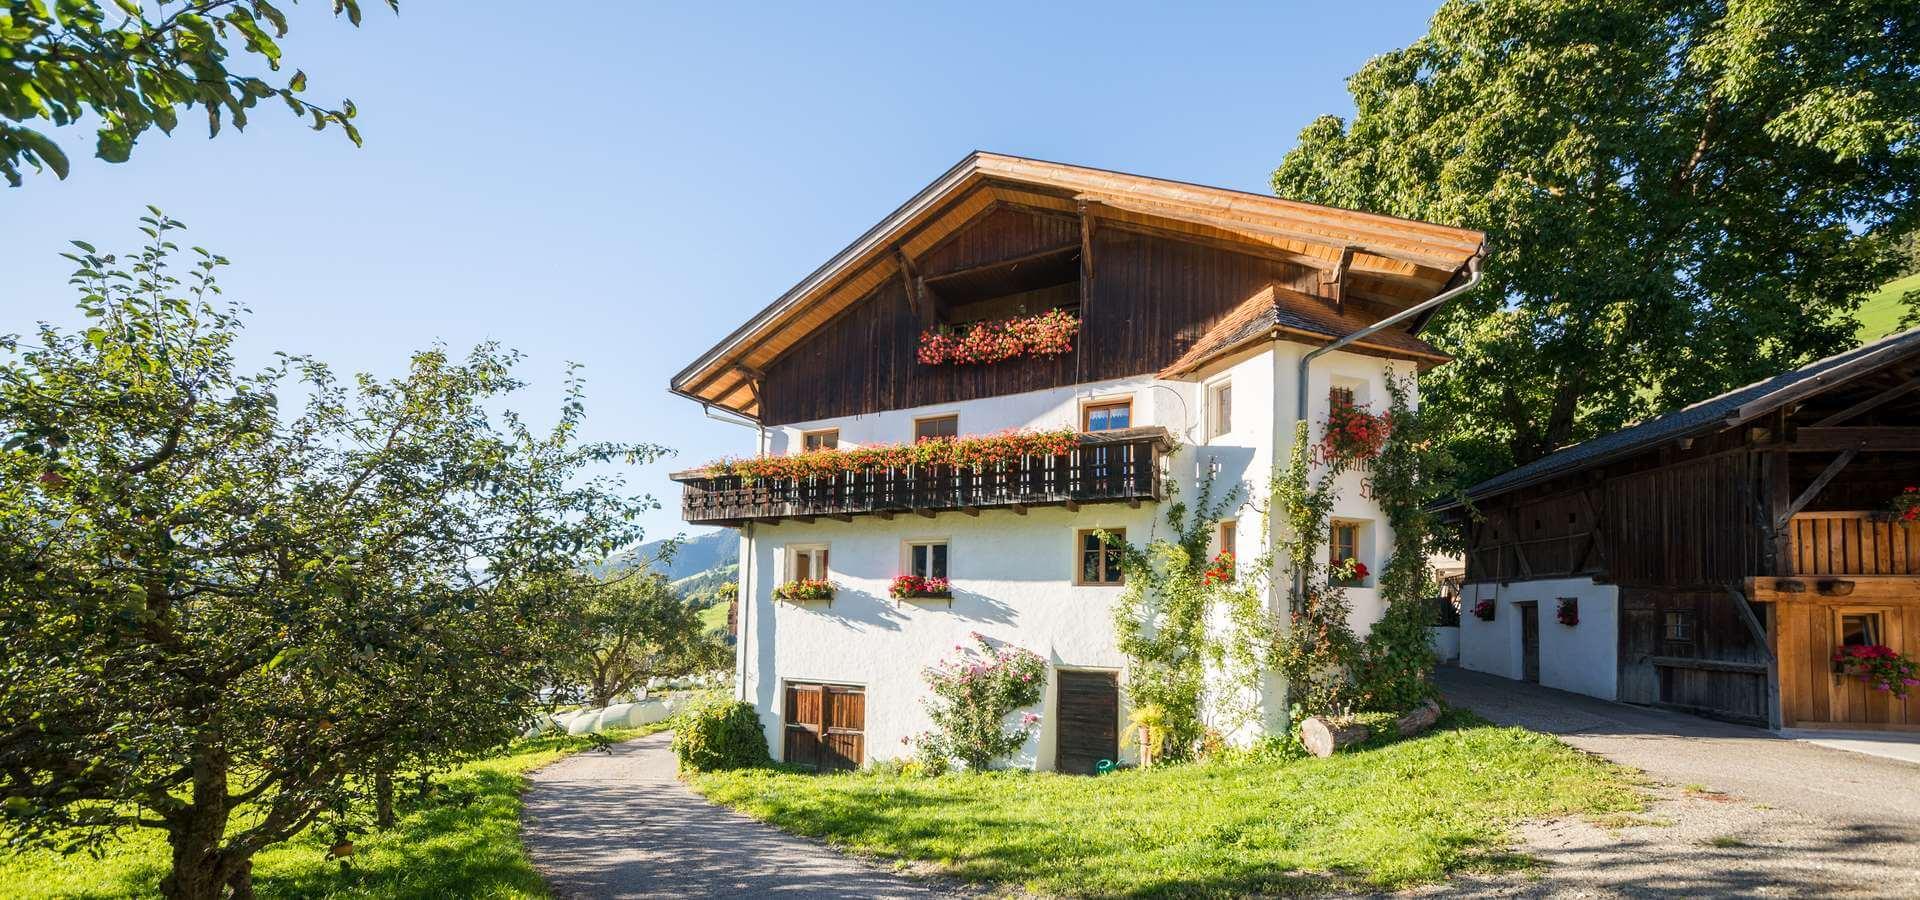 Urlaub auf dem Bauernhof - Lüsen / Südtirol